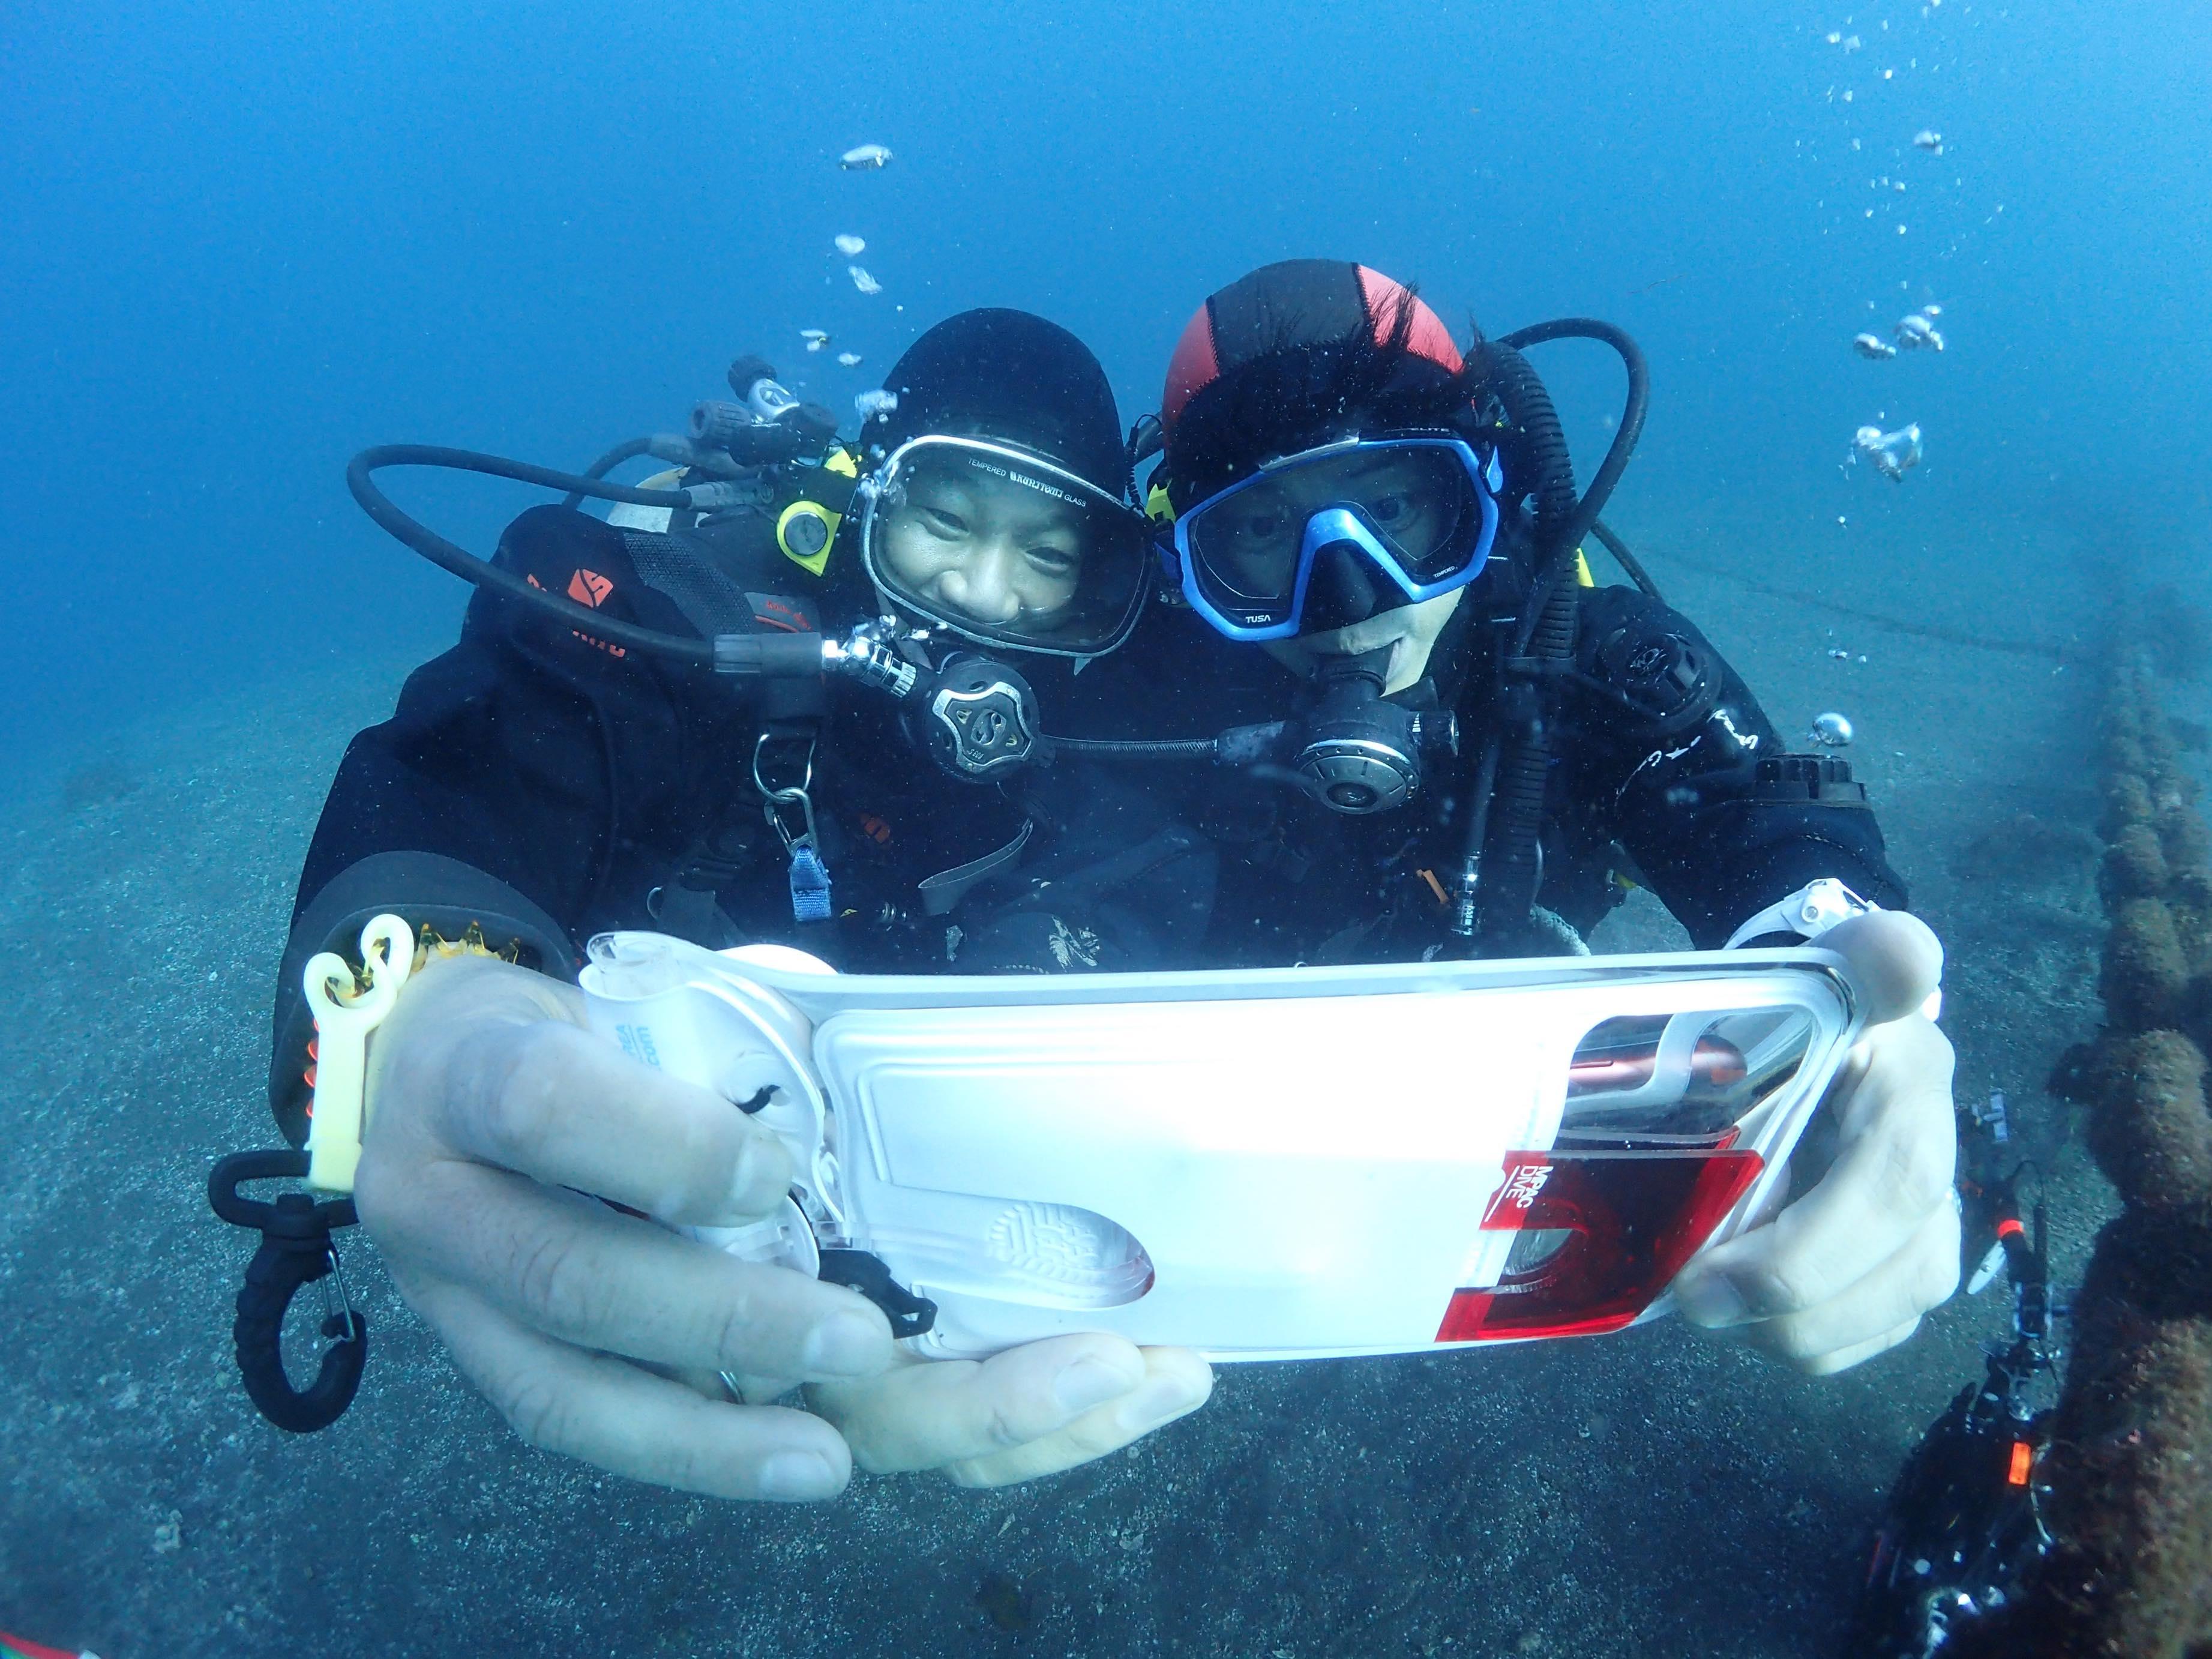 """手軽に水中写真を楽しみたいなら中古iPhoneだ!? 防水スマホケース「エムパック+Dive」を相棒に、目指せ""""水中インフルエンサー"""" 〜実践編〜"""